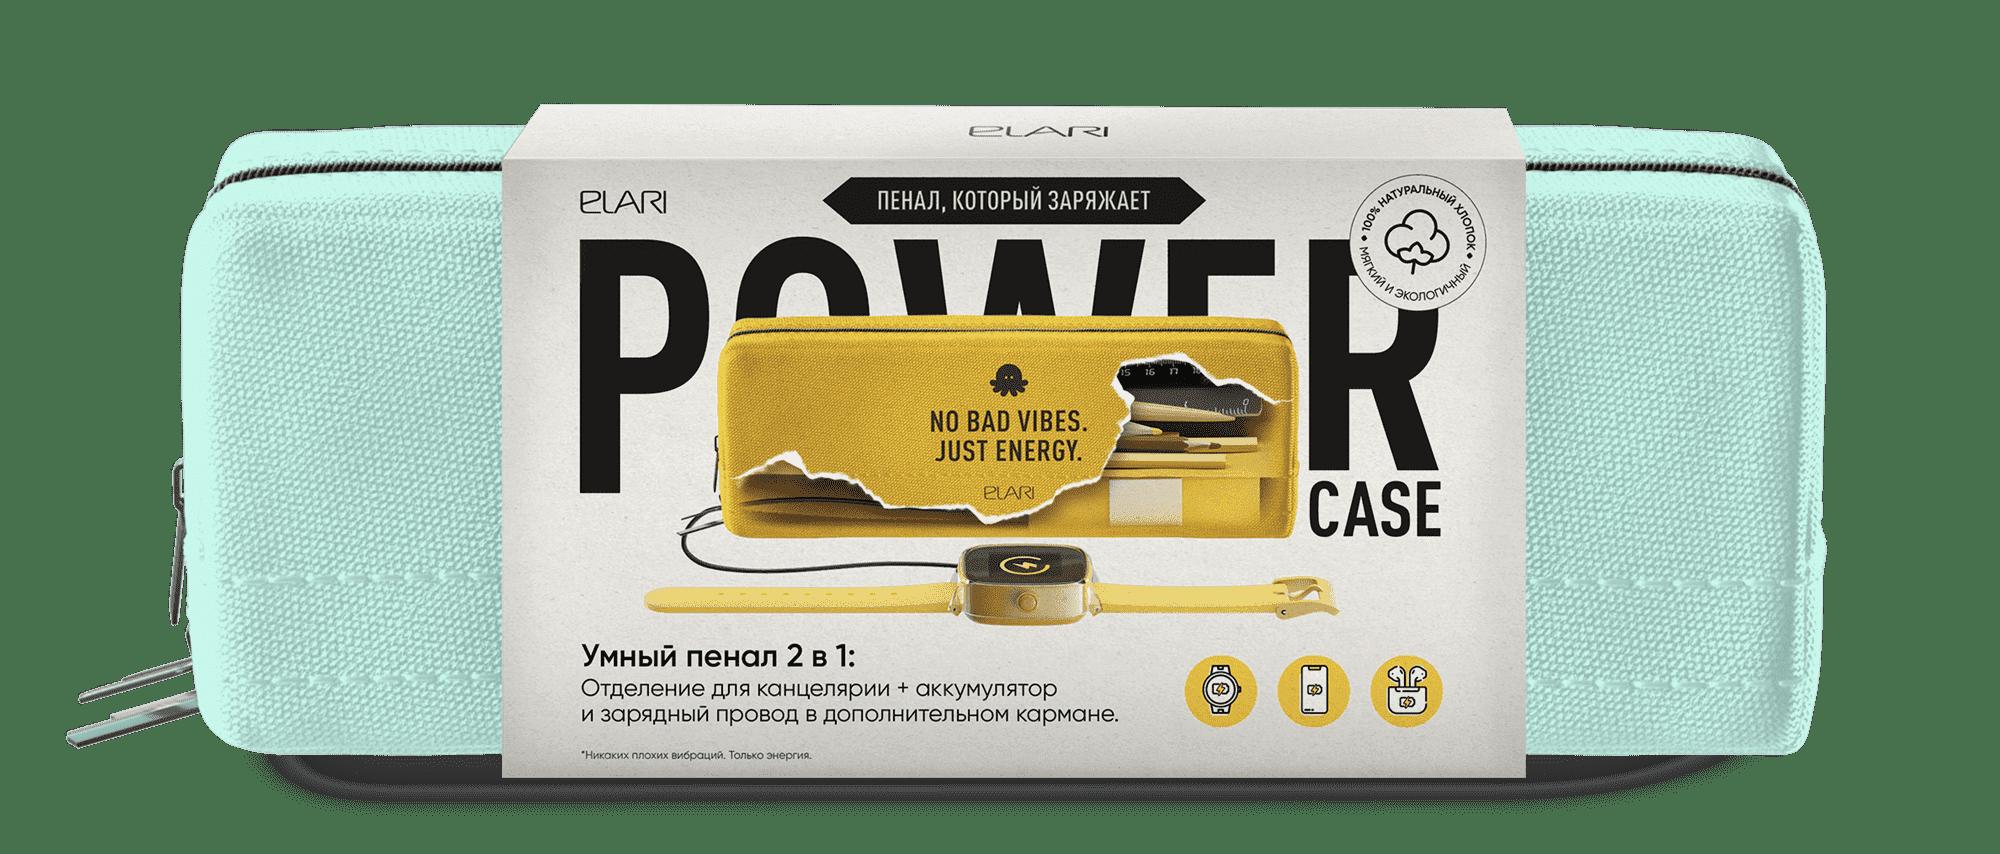 ELARI PowerCase, Сумочка Для Хранения с Аккумулятором - фото 20846